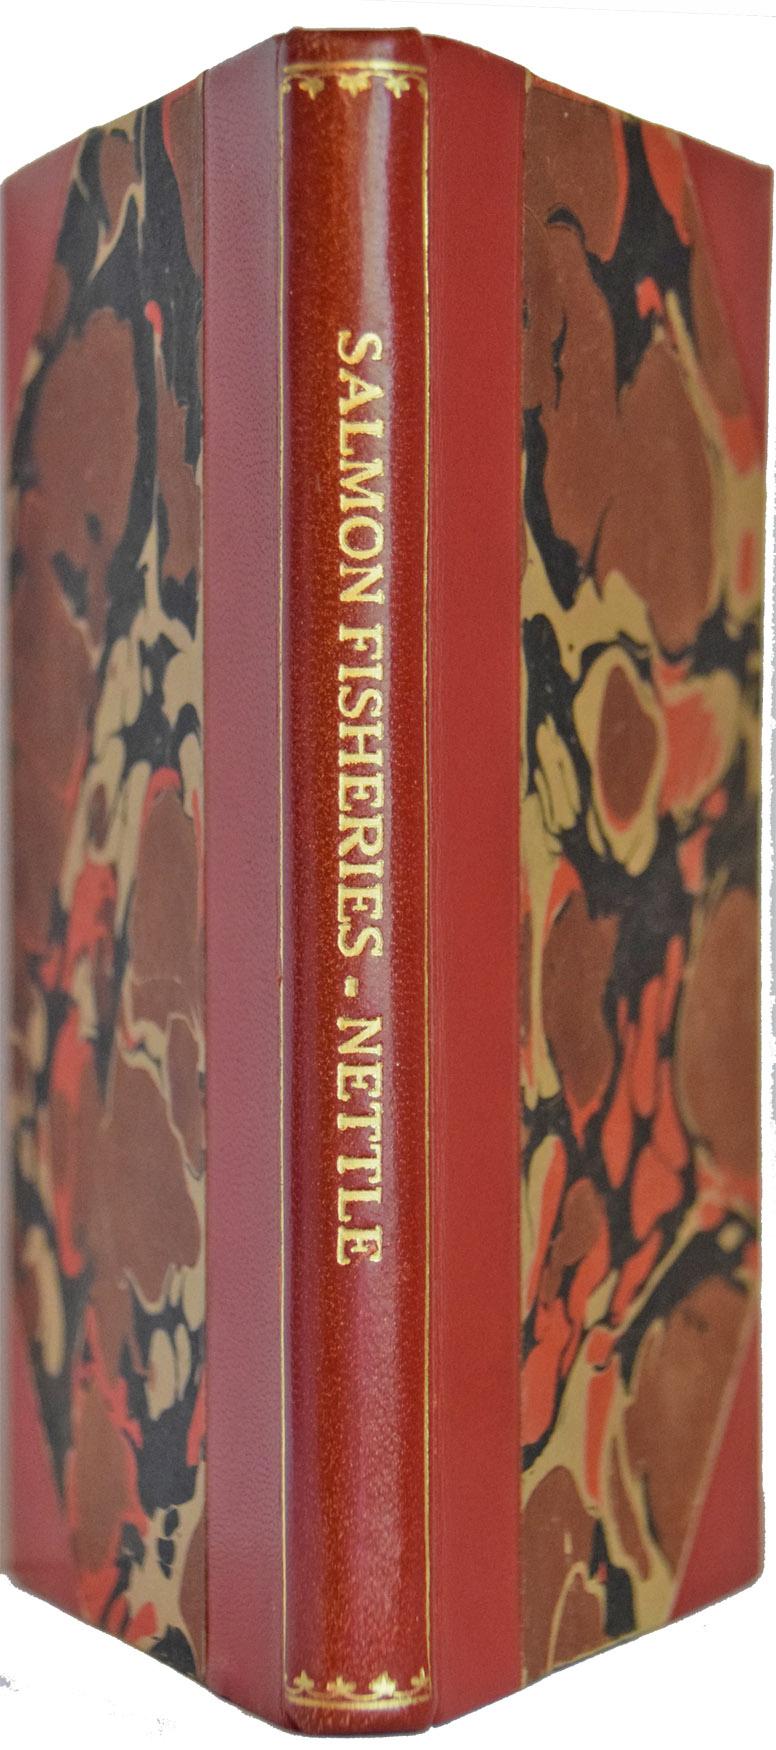 1911 Encyclopædia Britannica/Tiber